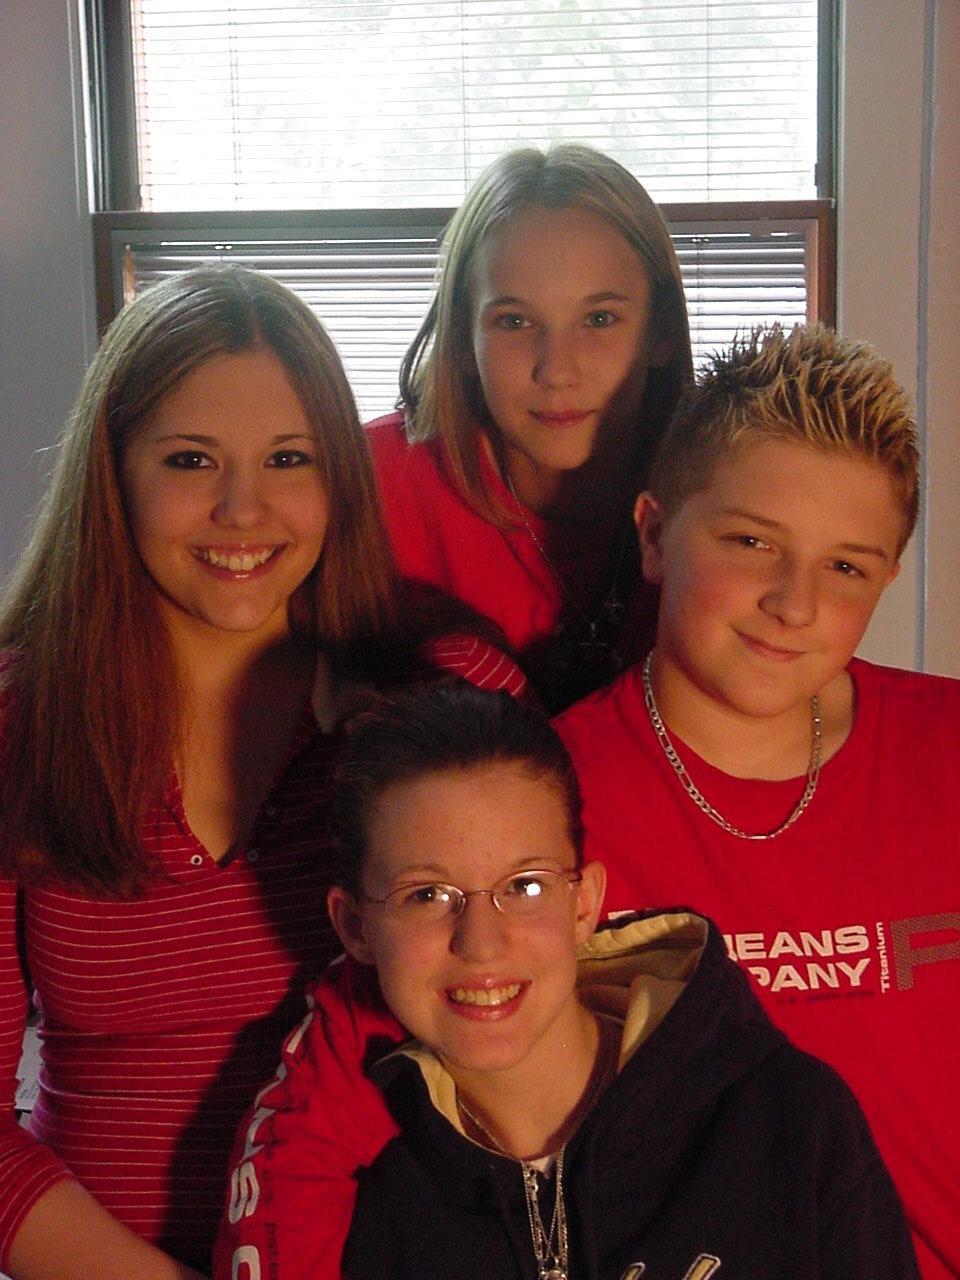 Ashley, Sara, Courtney, and I